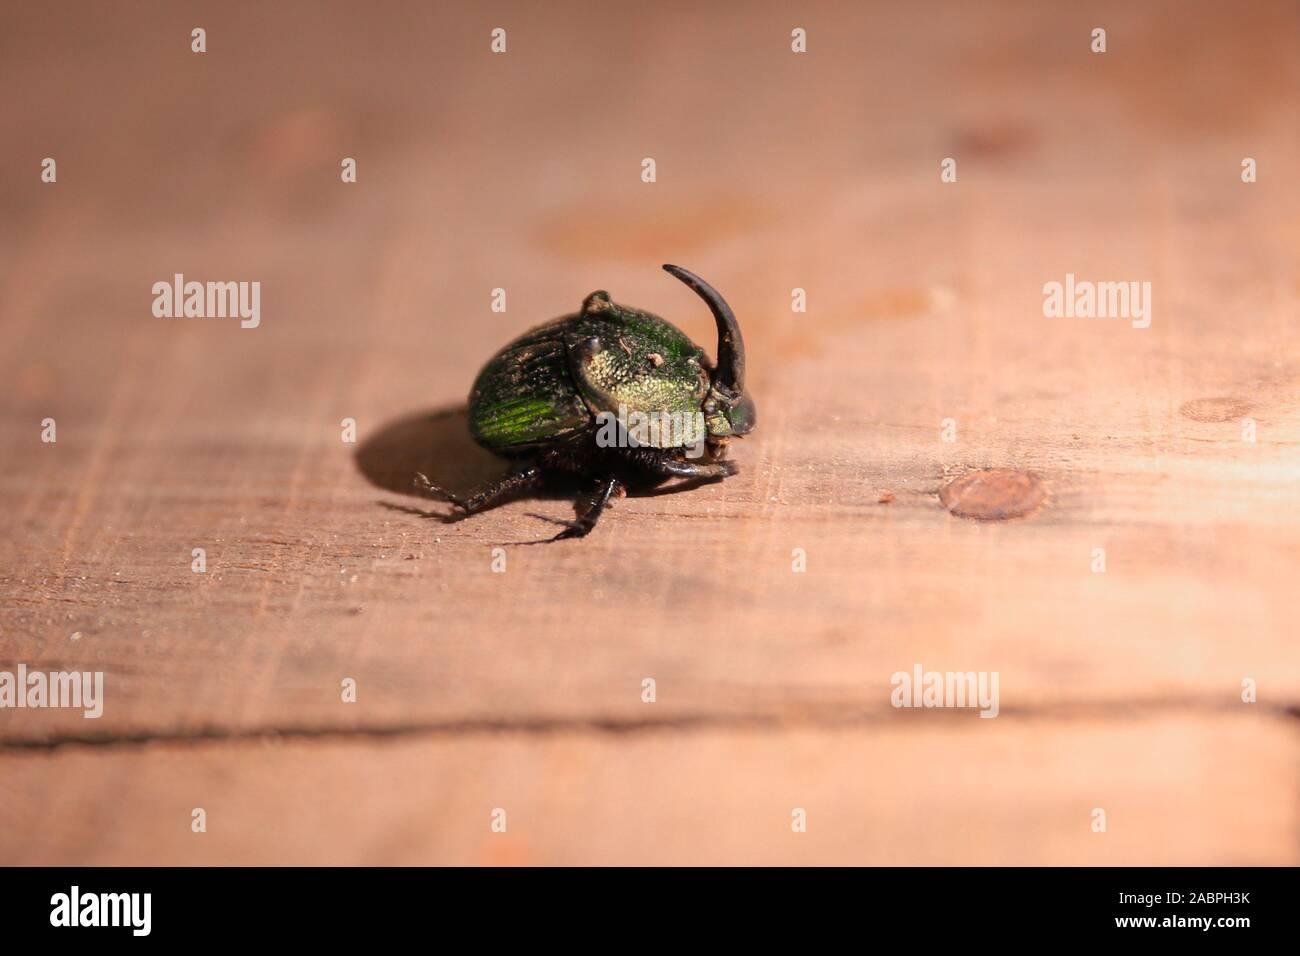 The Mayate green June beetle or pipiol, Cotinis mutabilis, is a polyphagous beetle of the family of scarabids. Reserva Momte Mojino  © (© Photo: LuisGutierrez / NortePhoto.com)    El mayate escarabajo verde de junio o pipiol, Cotinis mutabilis, es un coleóptero polífago de la familia de los escarabeidos.  ©  (© Foto: LuisGutierrez / NortePhoto.com) Stock Photo